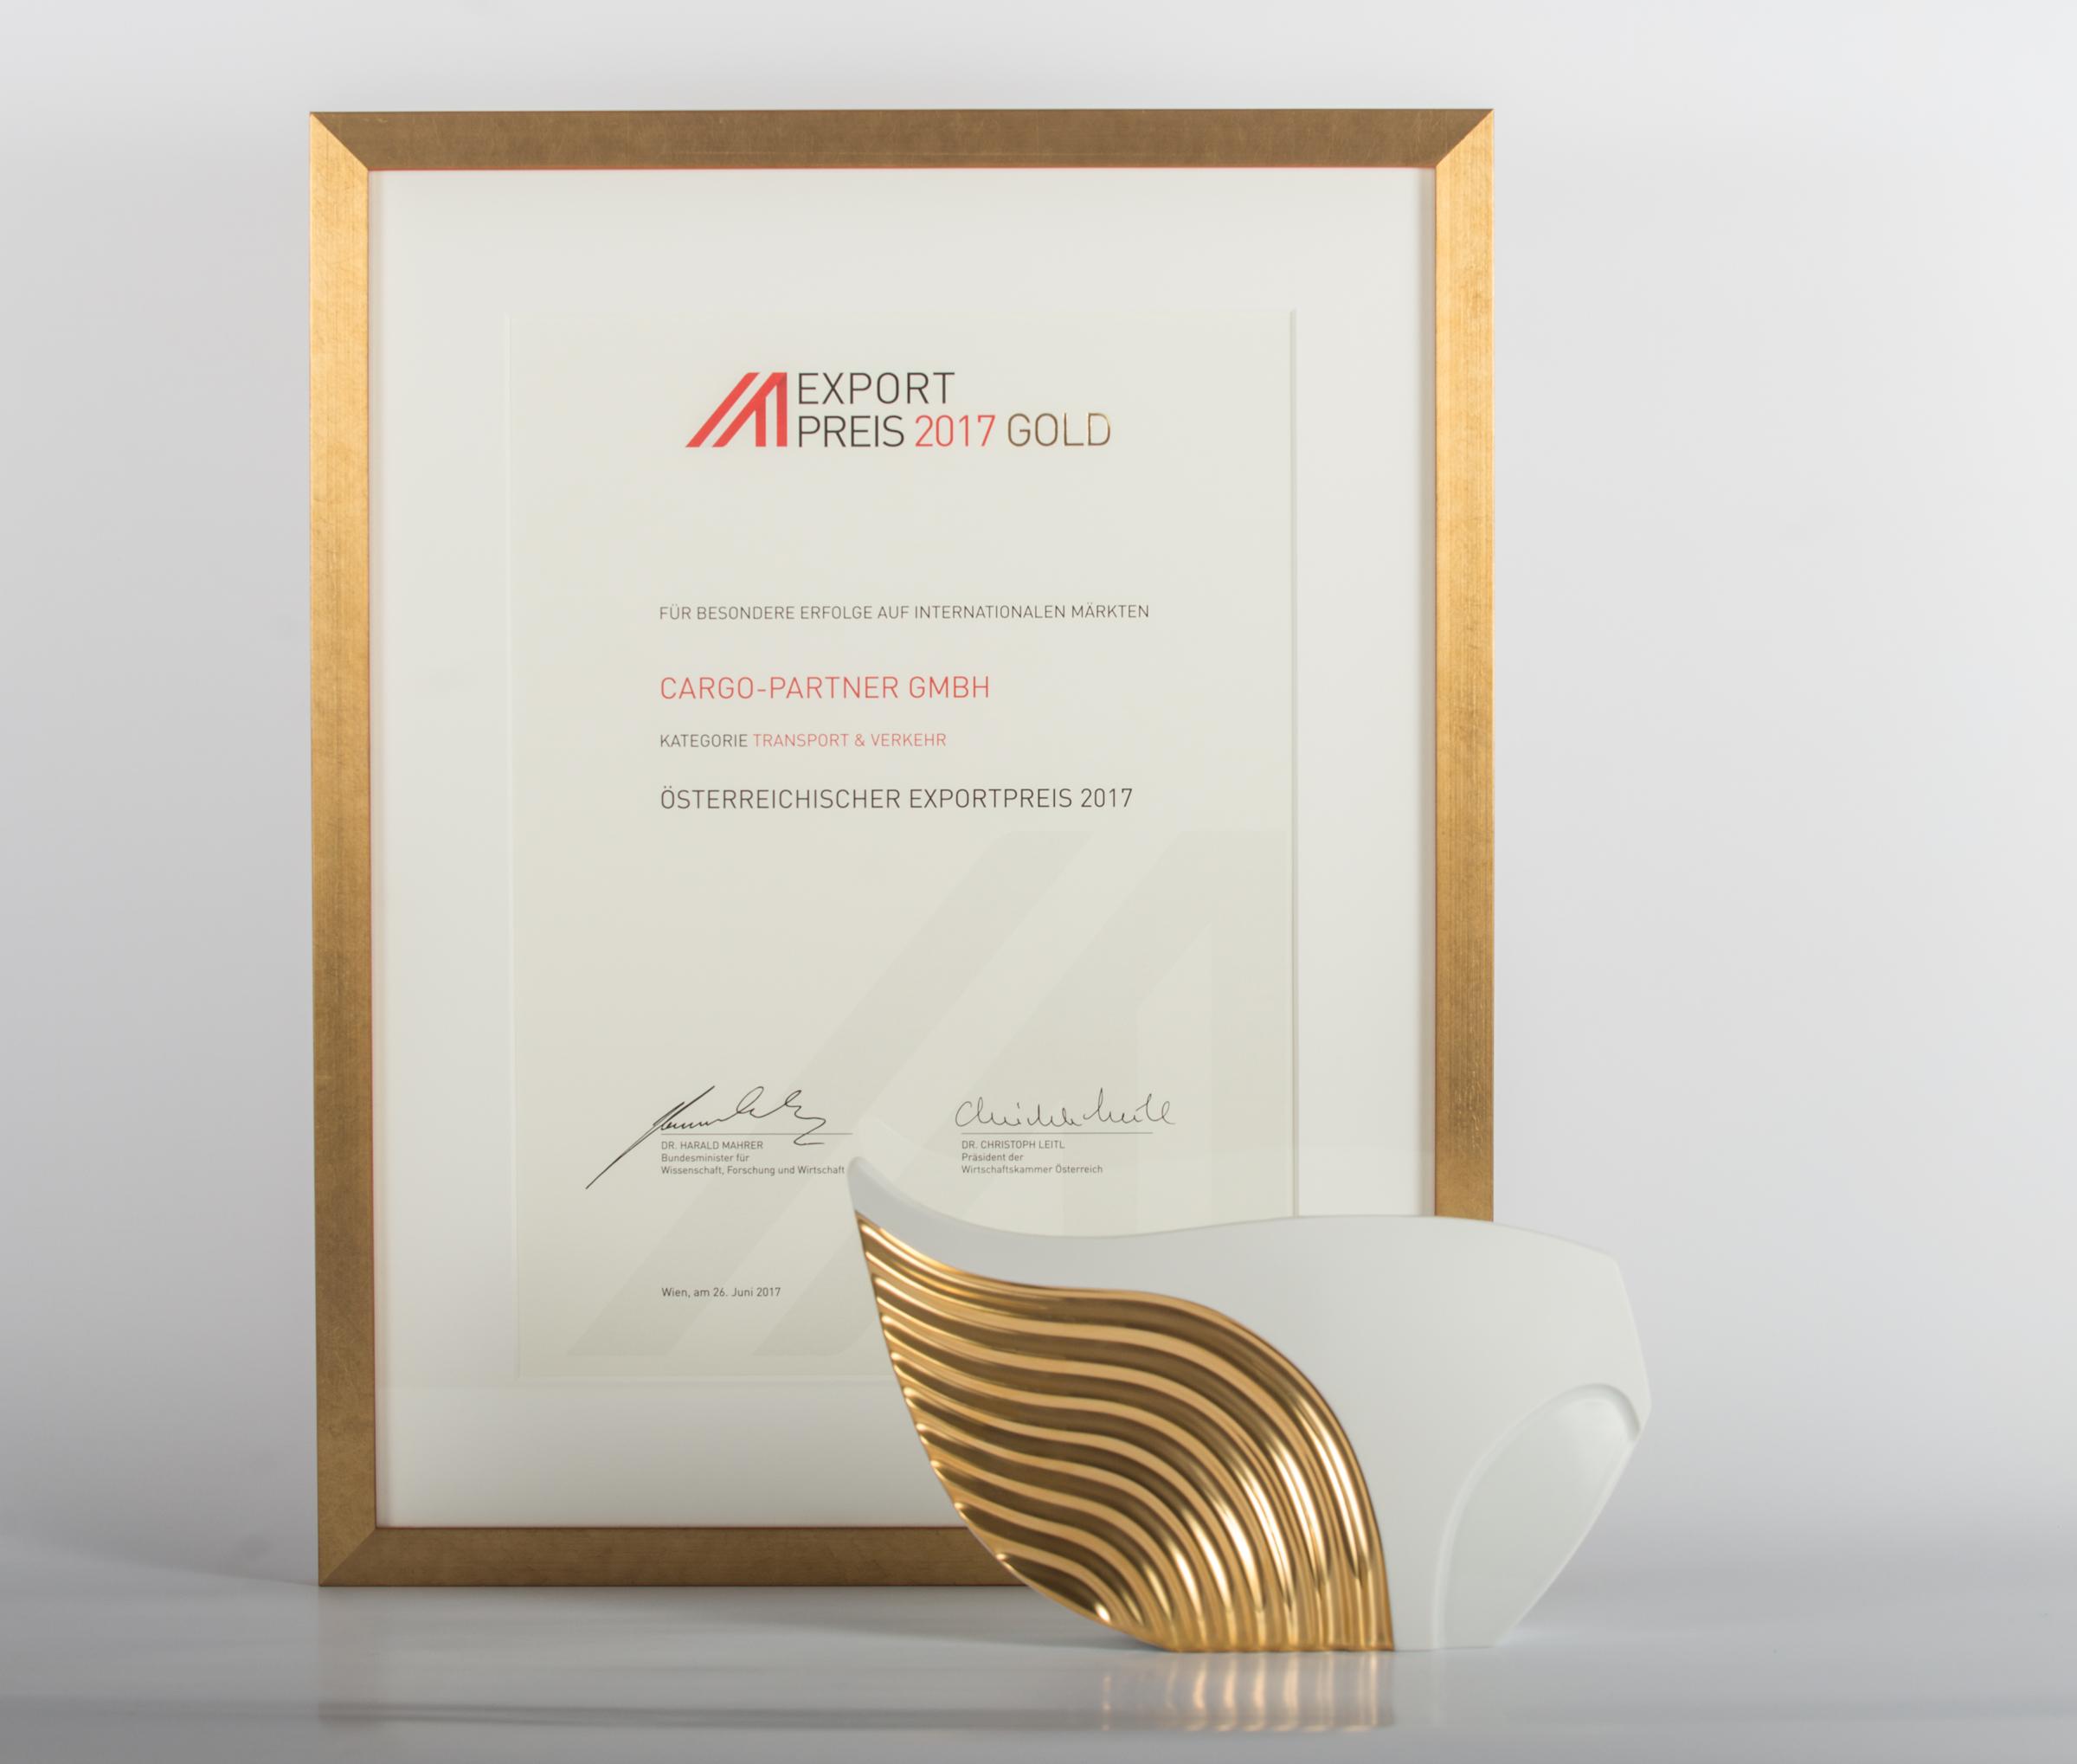 Společnost cargo-partner obdržela prestižní cenu Export Award 2017 GOLD